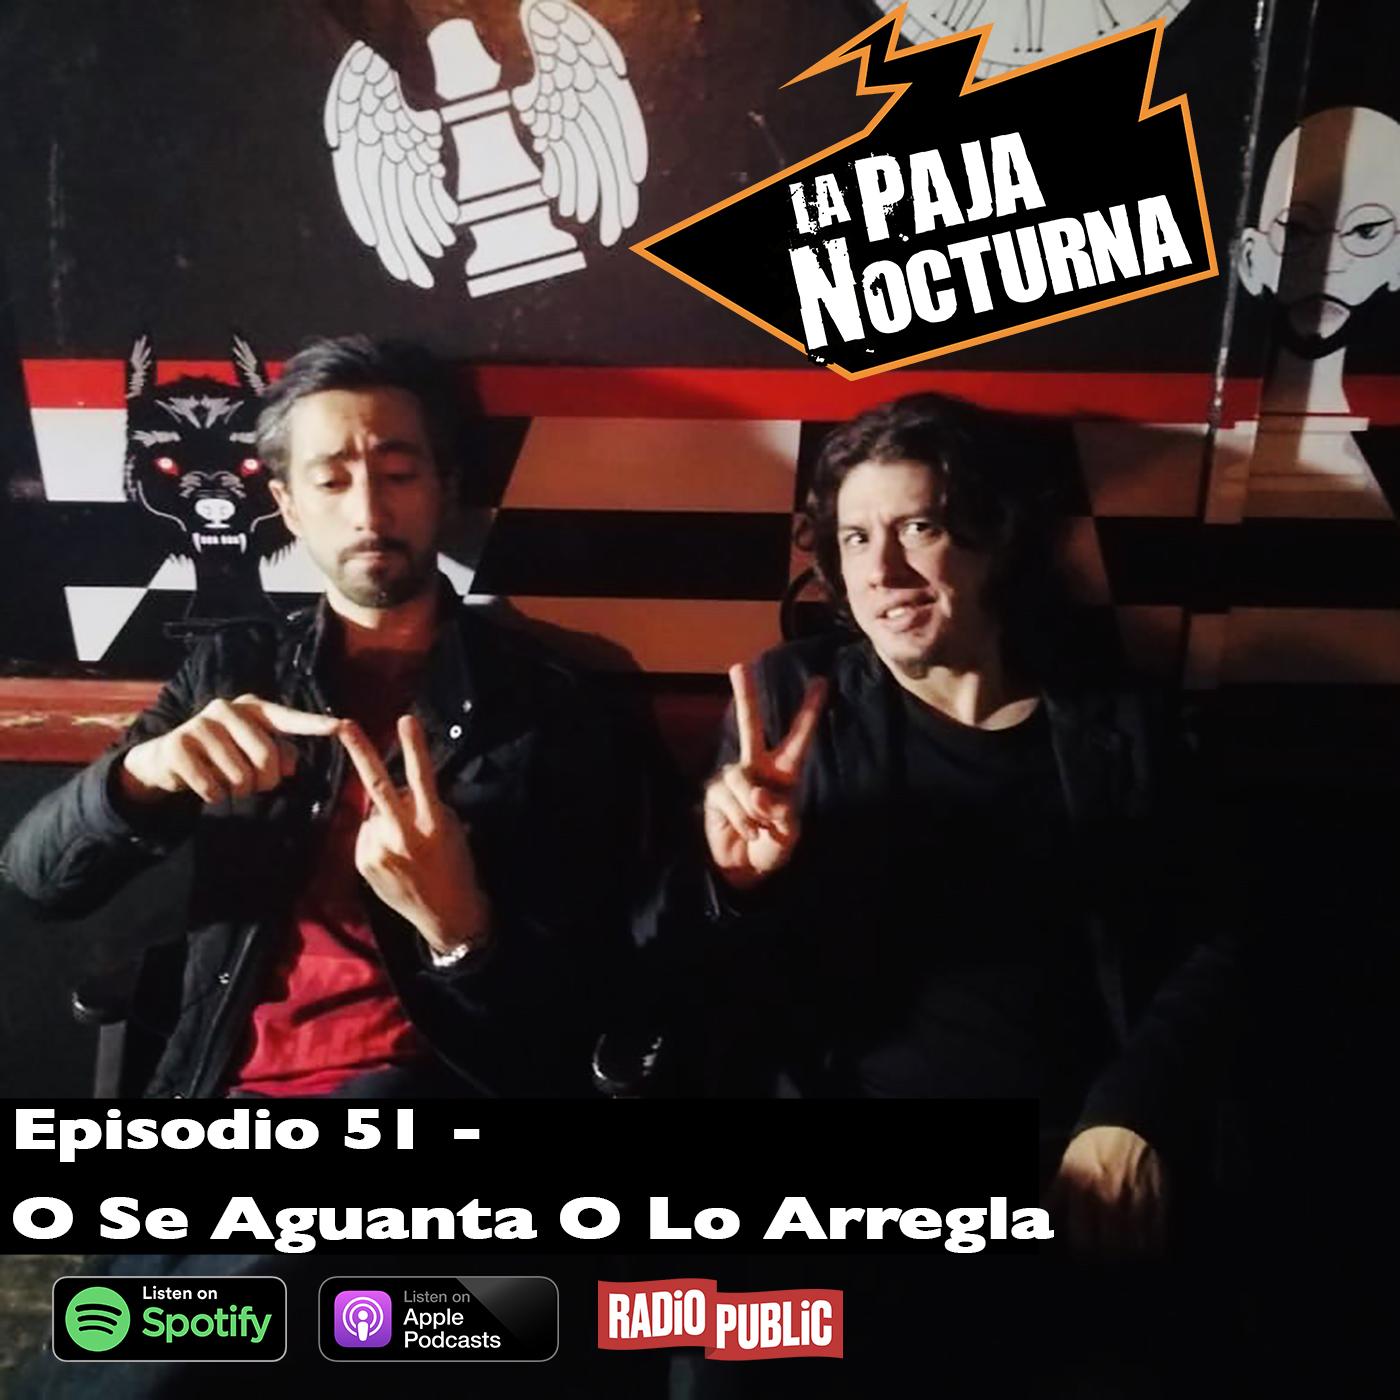 La paja nocturna podcast Episodio 51